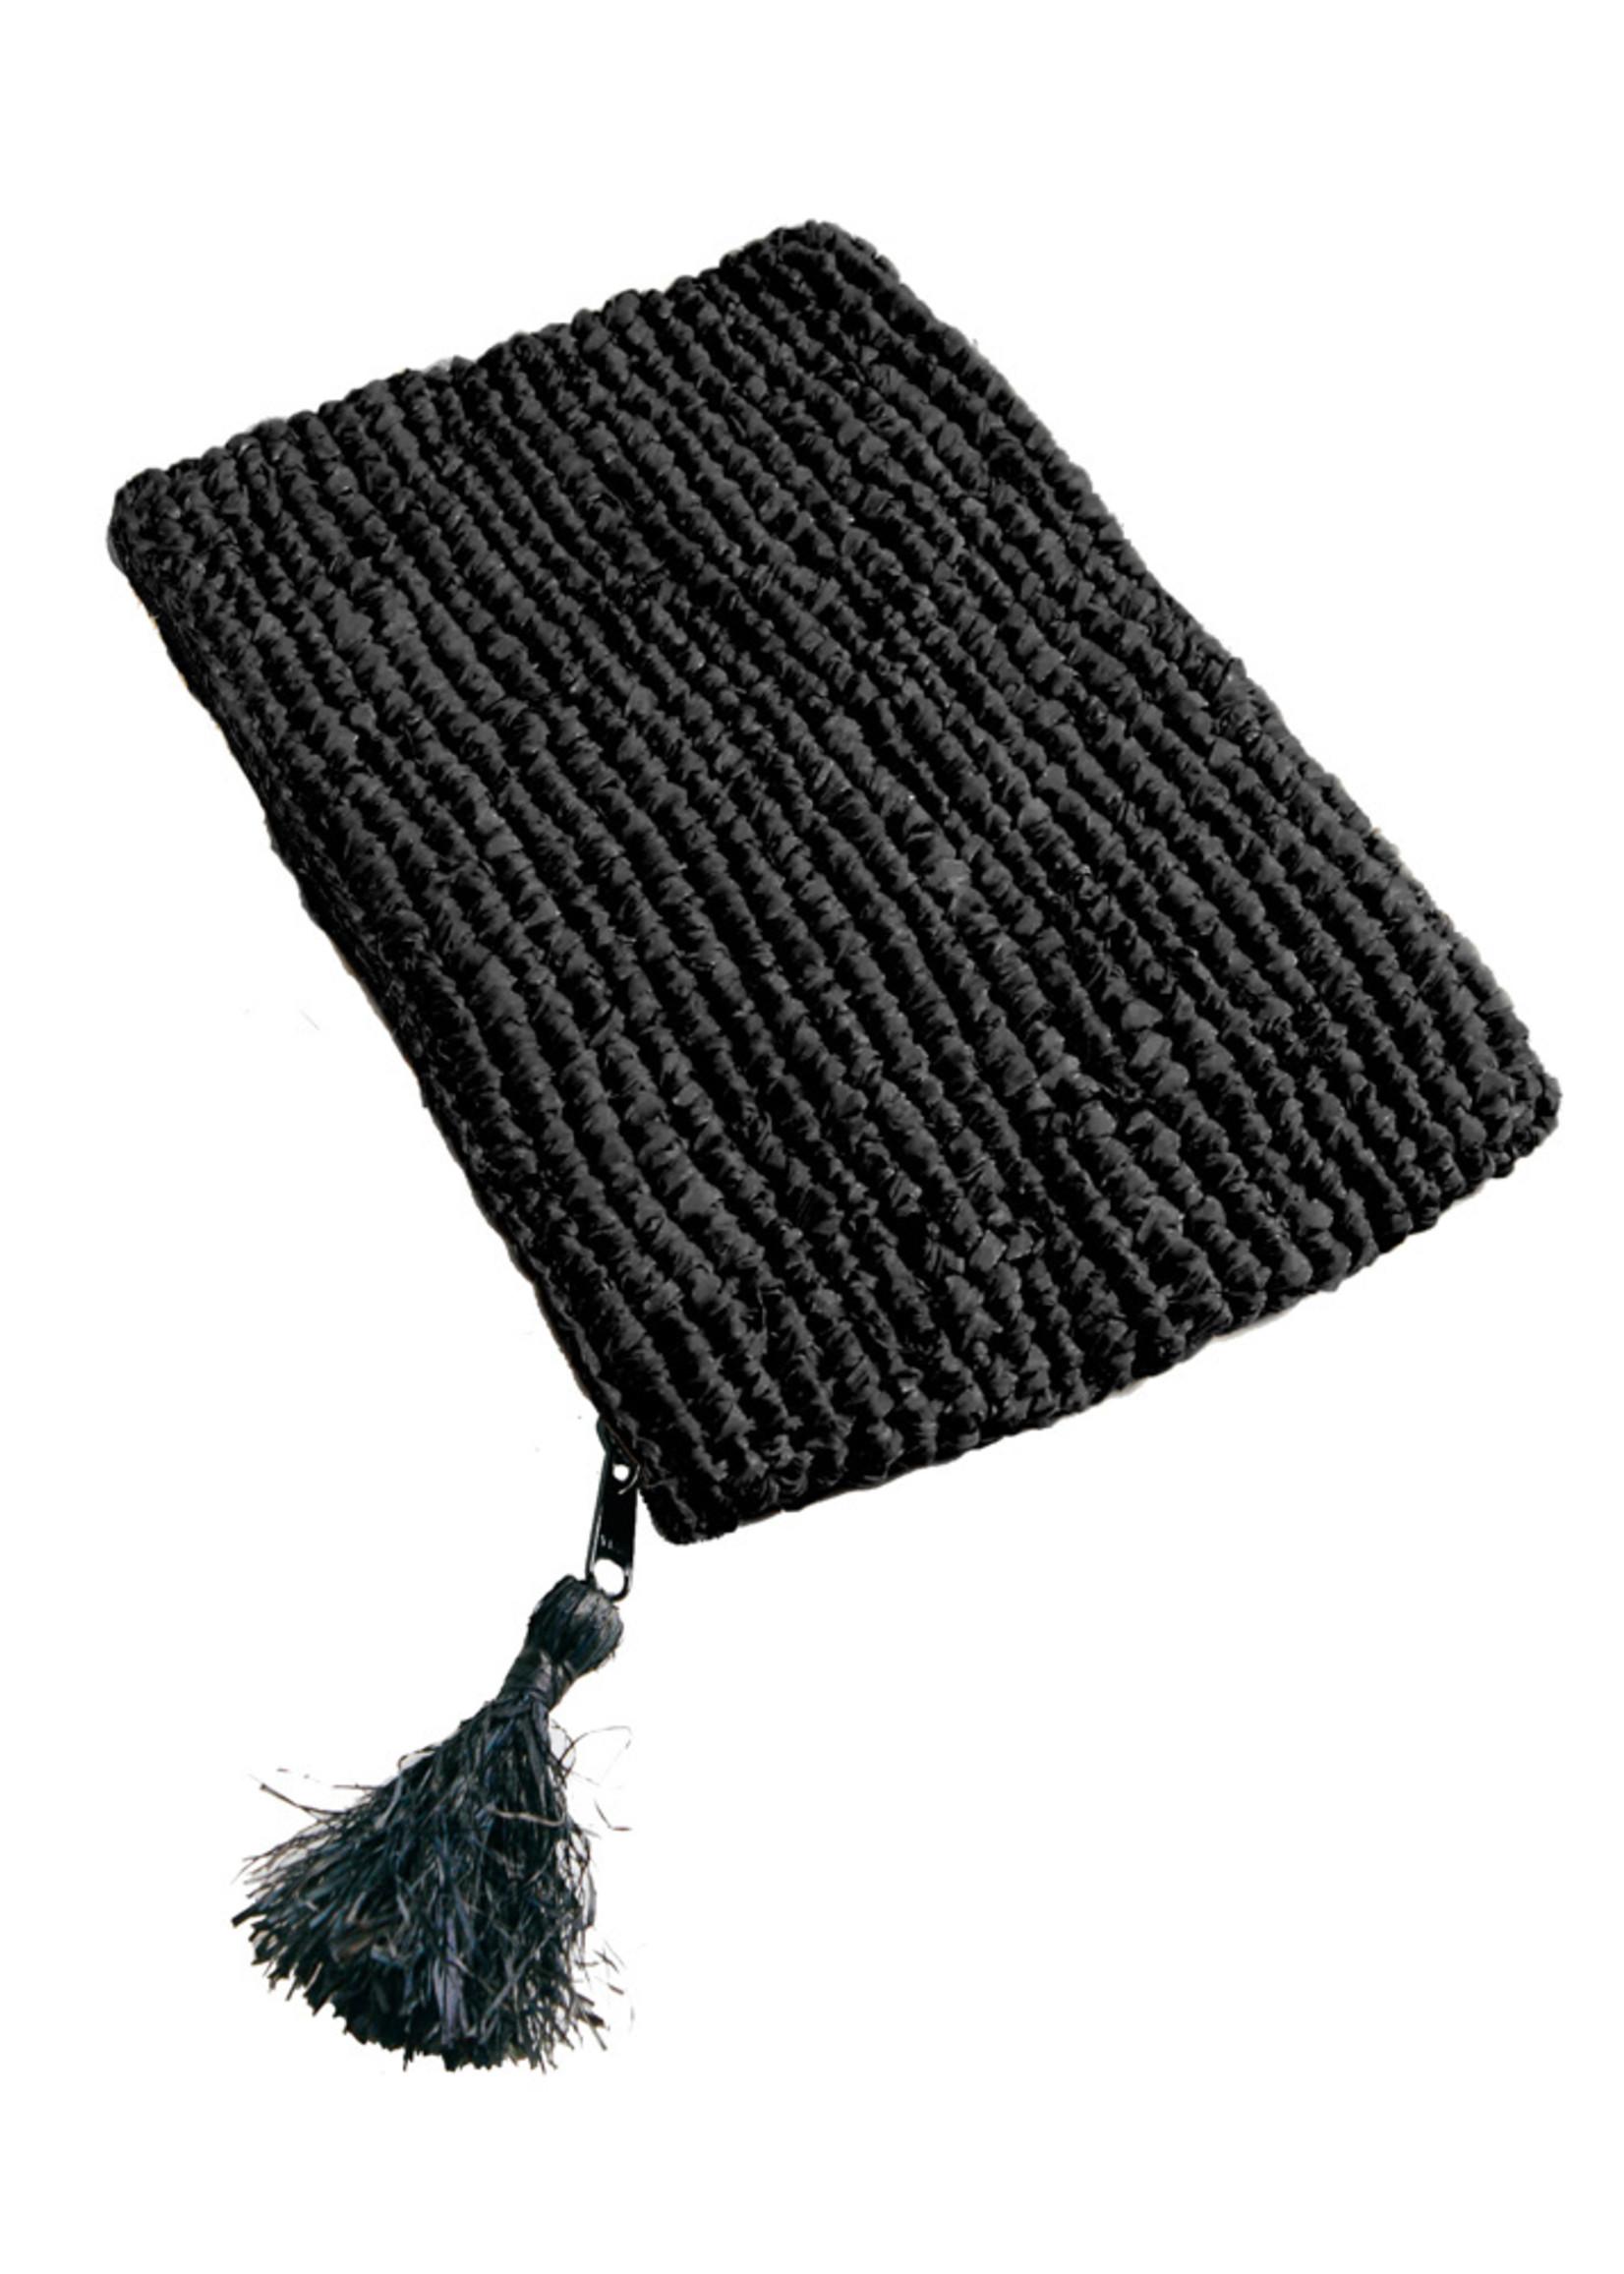 Raffia Clutch with zipper - Black Black - L